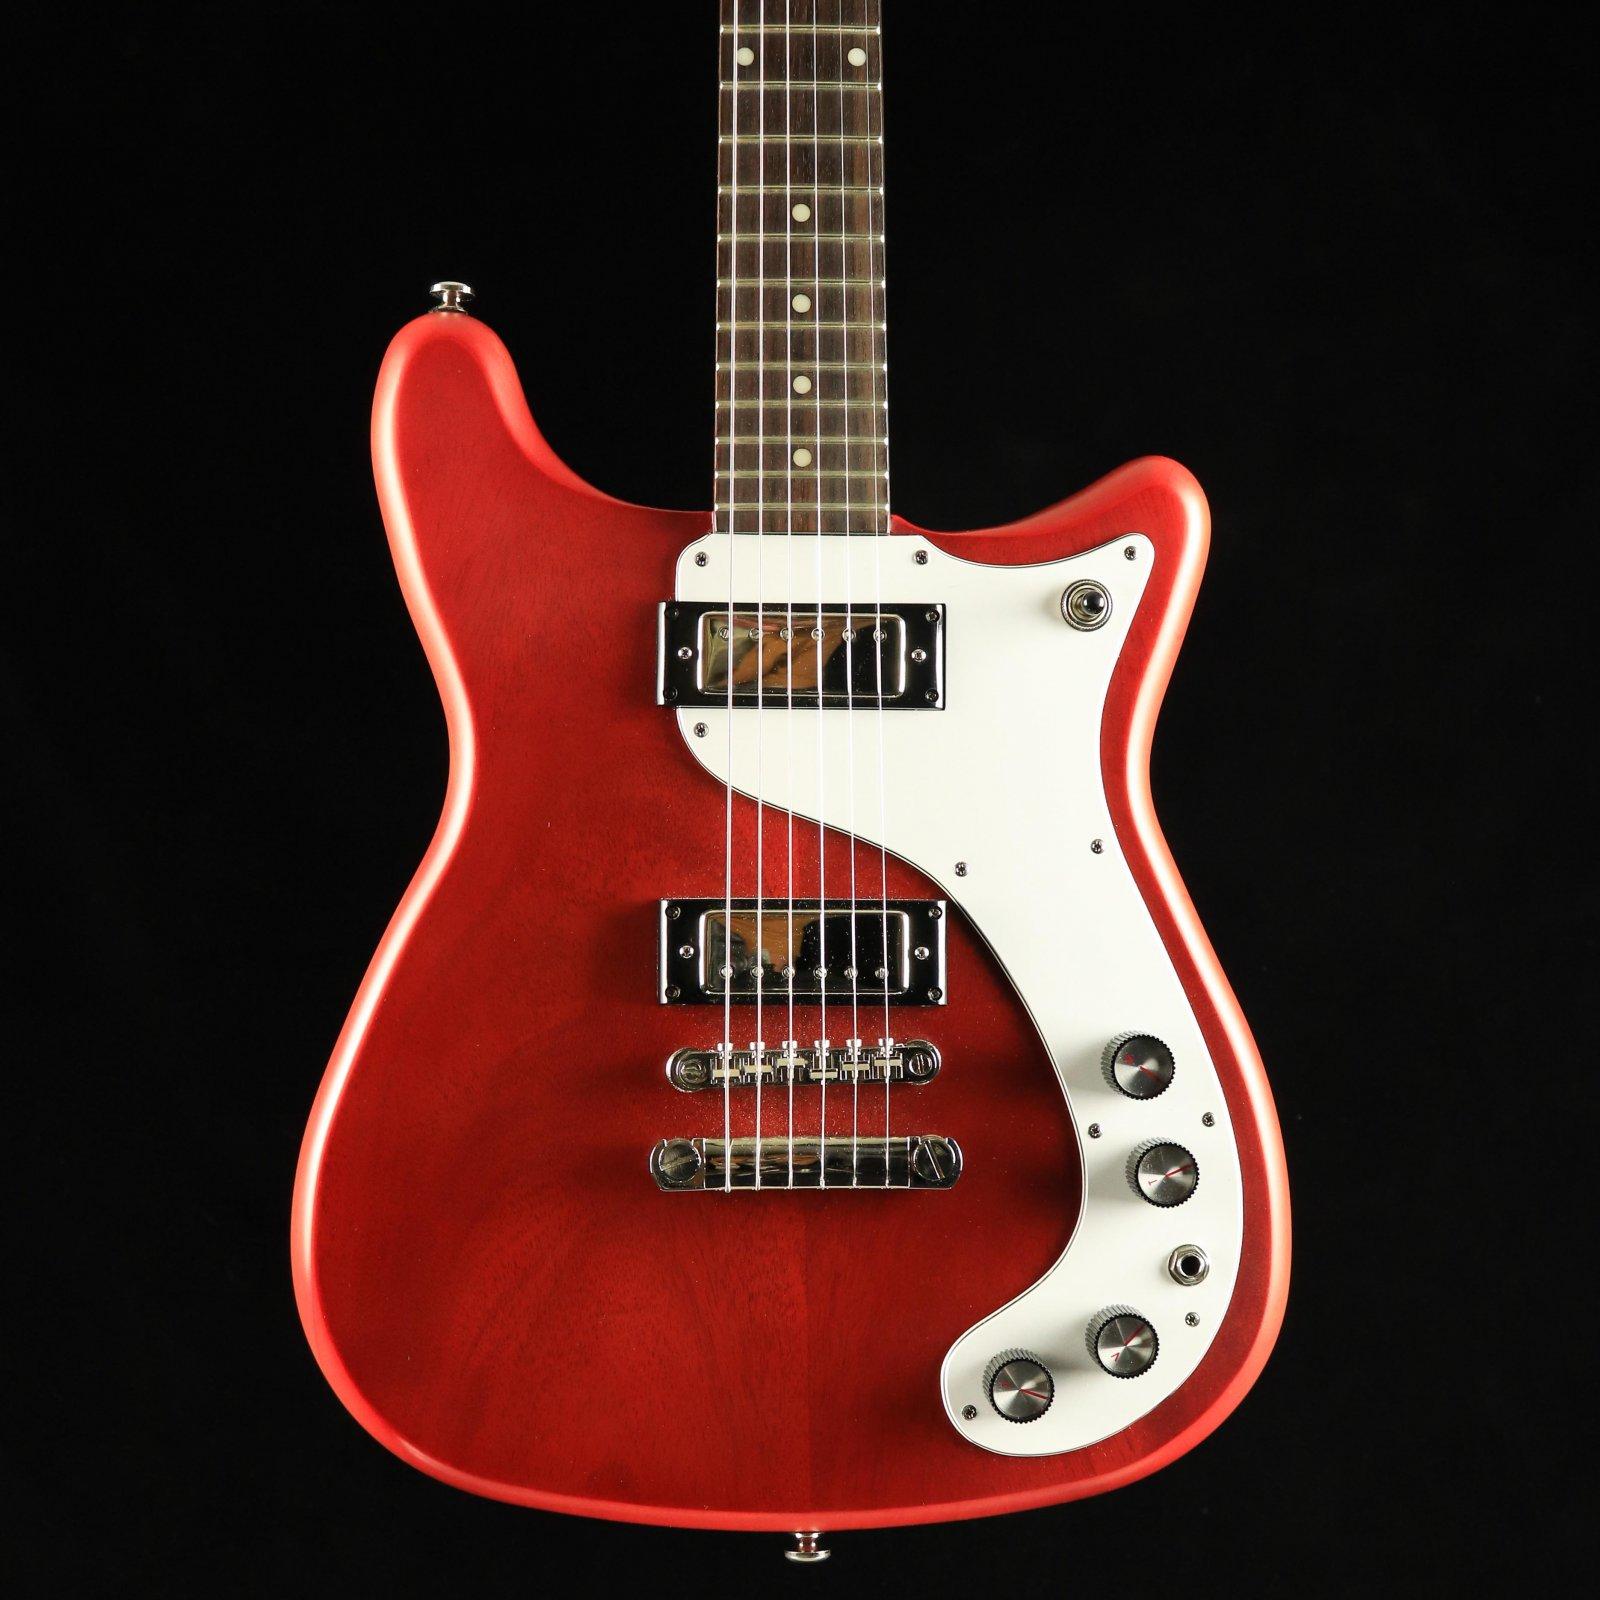 Epiphone 1966 Wilshire - Worn Cherry